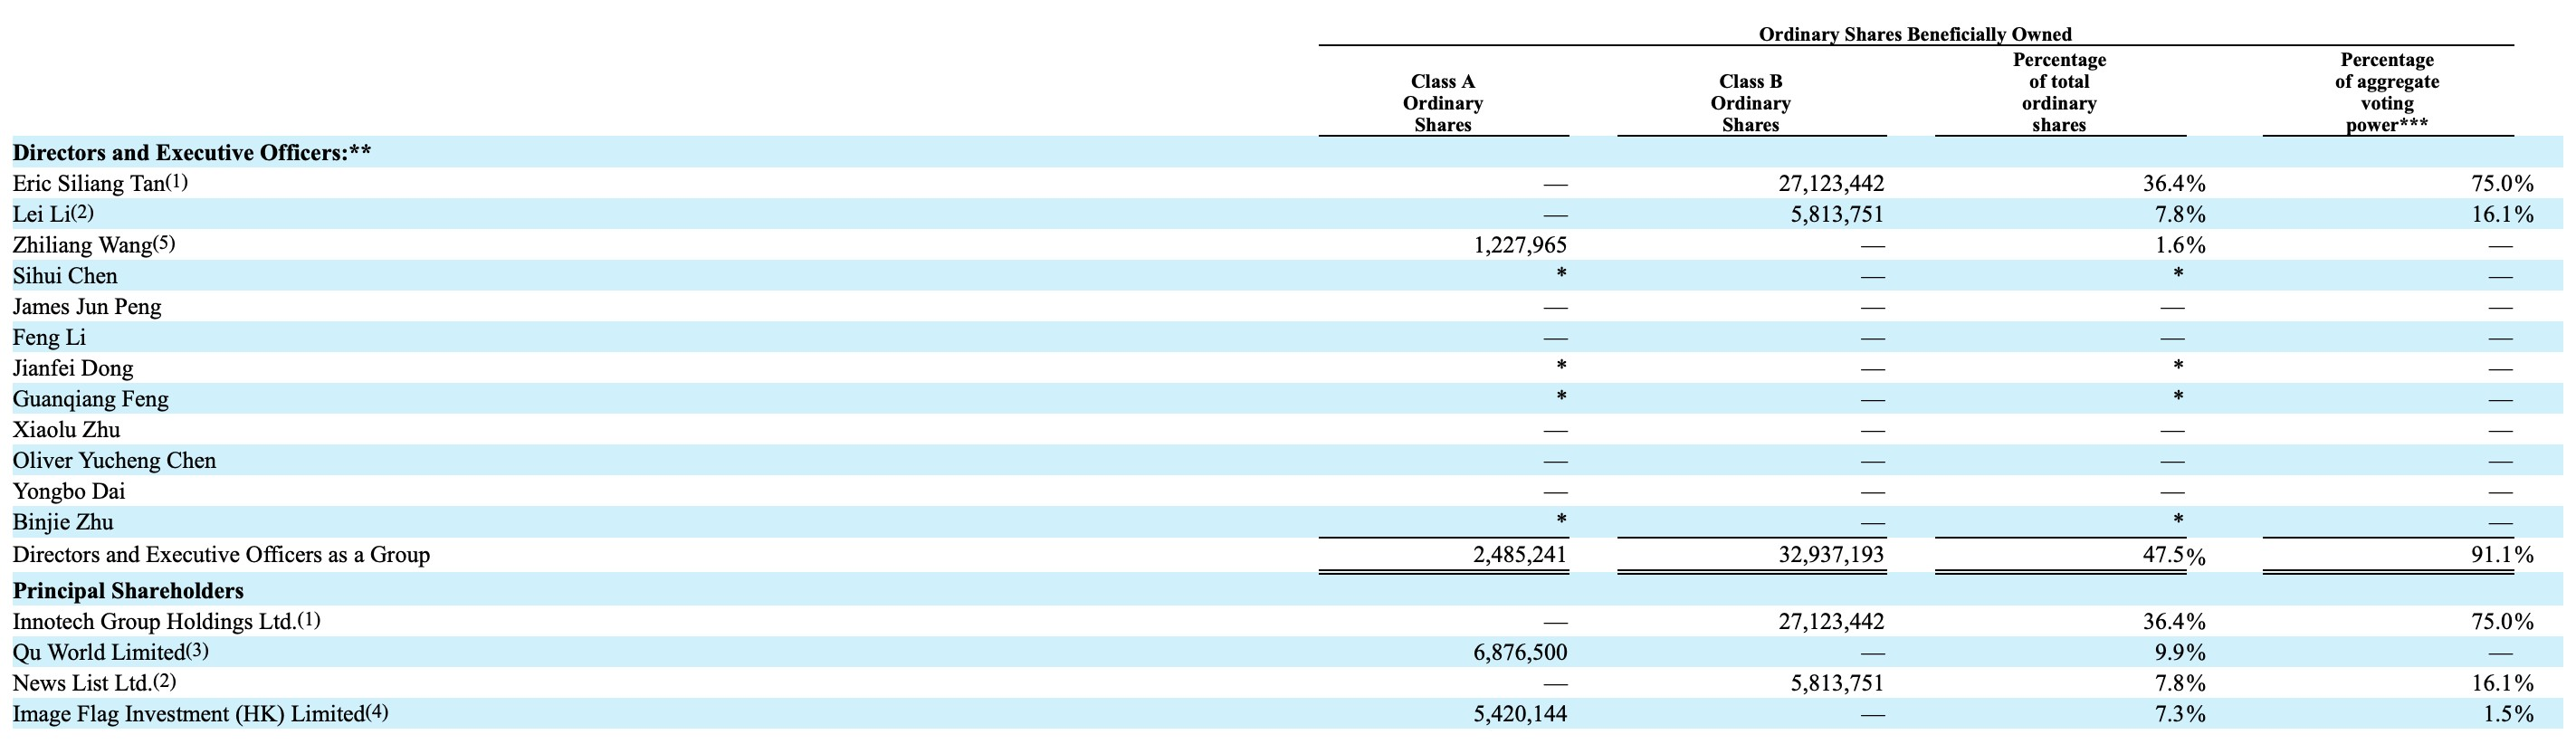 趣头条(QTT.US)2019年报:CEO谭思亮持股比例同比下降1.1%,腾讯(00700)旗下投资基金为第四大股东